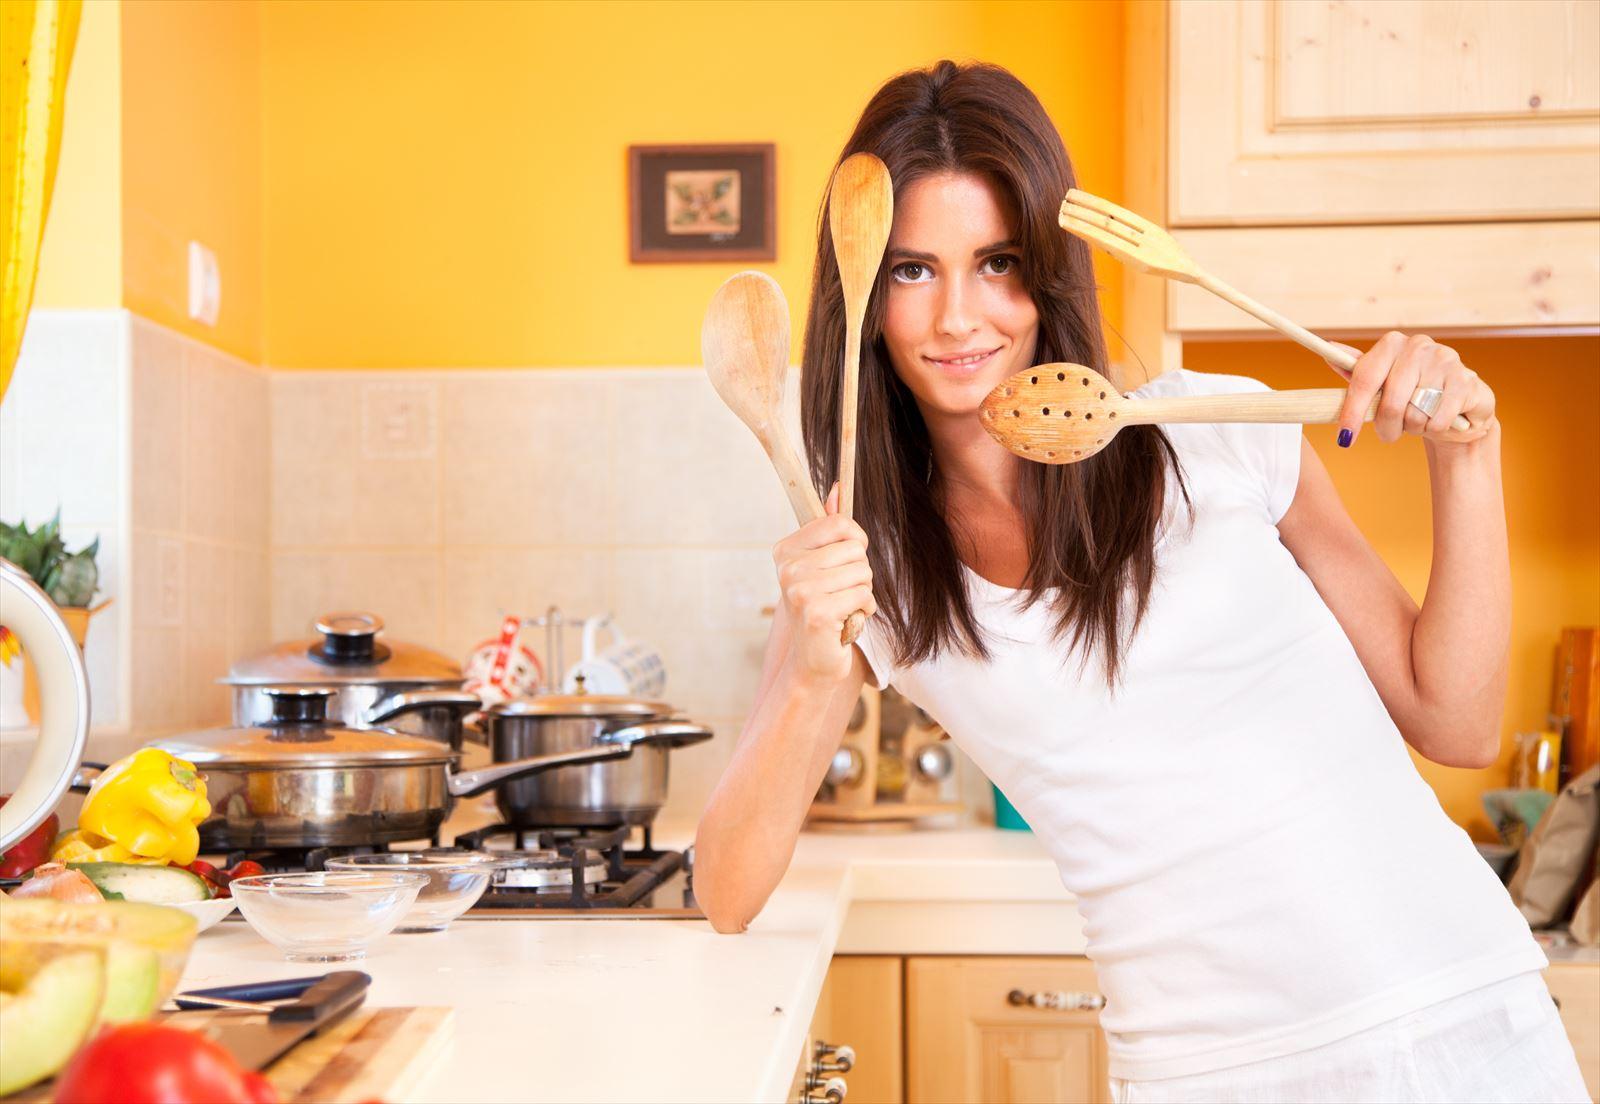 たった3つの型で、独身料理下手でも簡単・時短の自炊生活を送れる方法